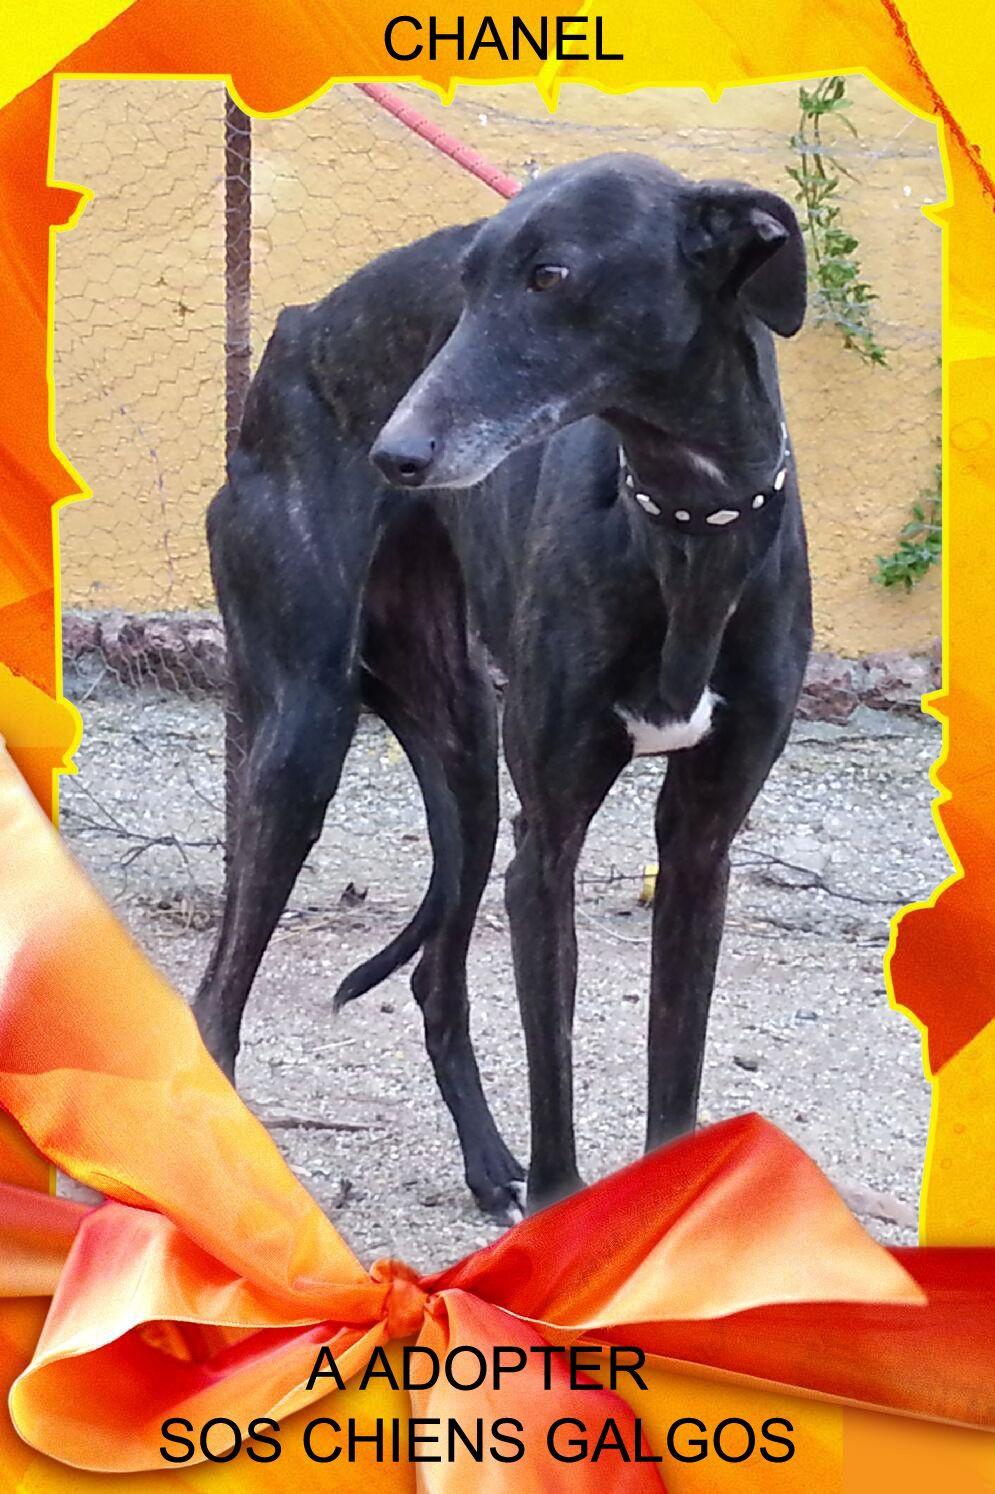 chanel galga martyre a l'adoption 21/2/2014 chez sos chiens galgos